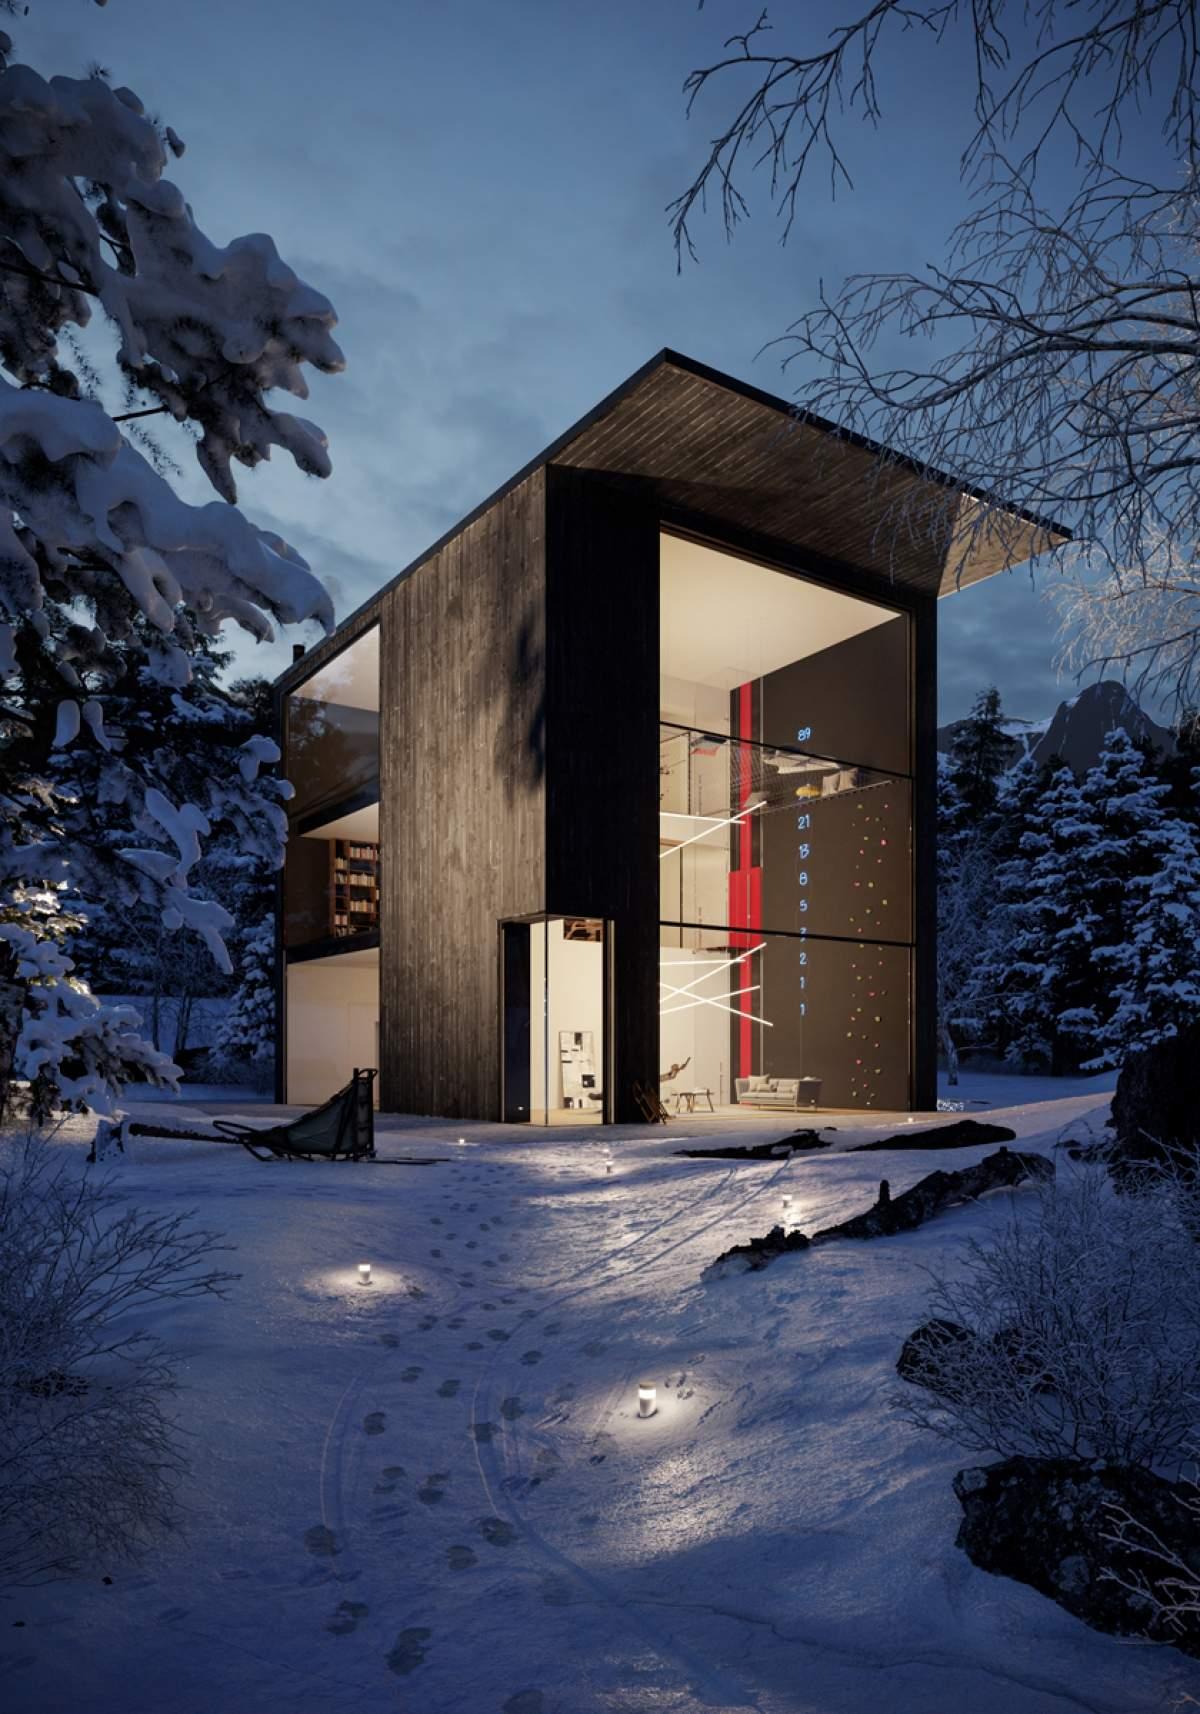 Corviglia-Piz Nair, Casa nella pineta, Svizzera - project by Adriano Design